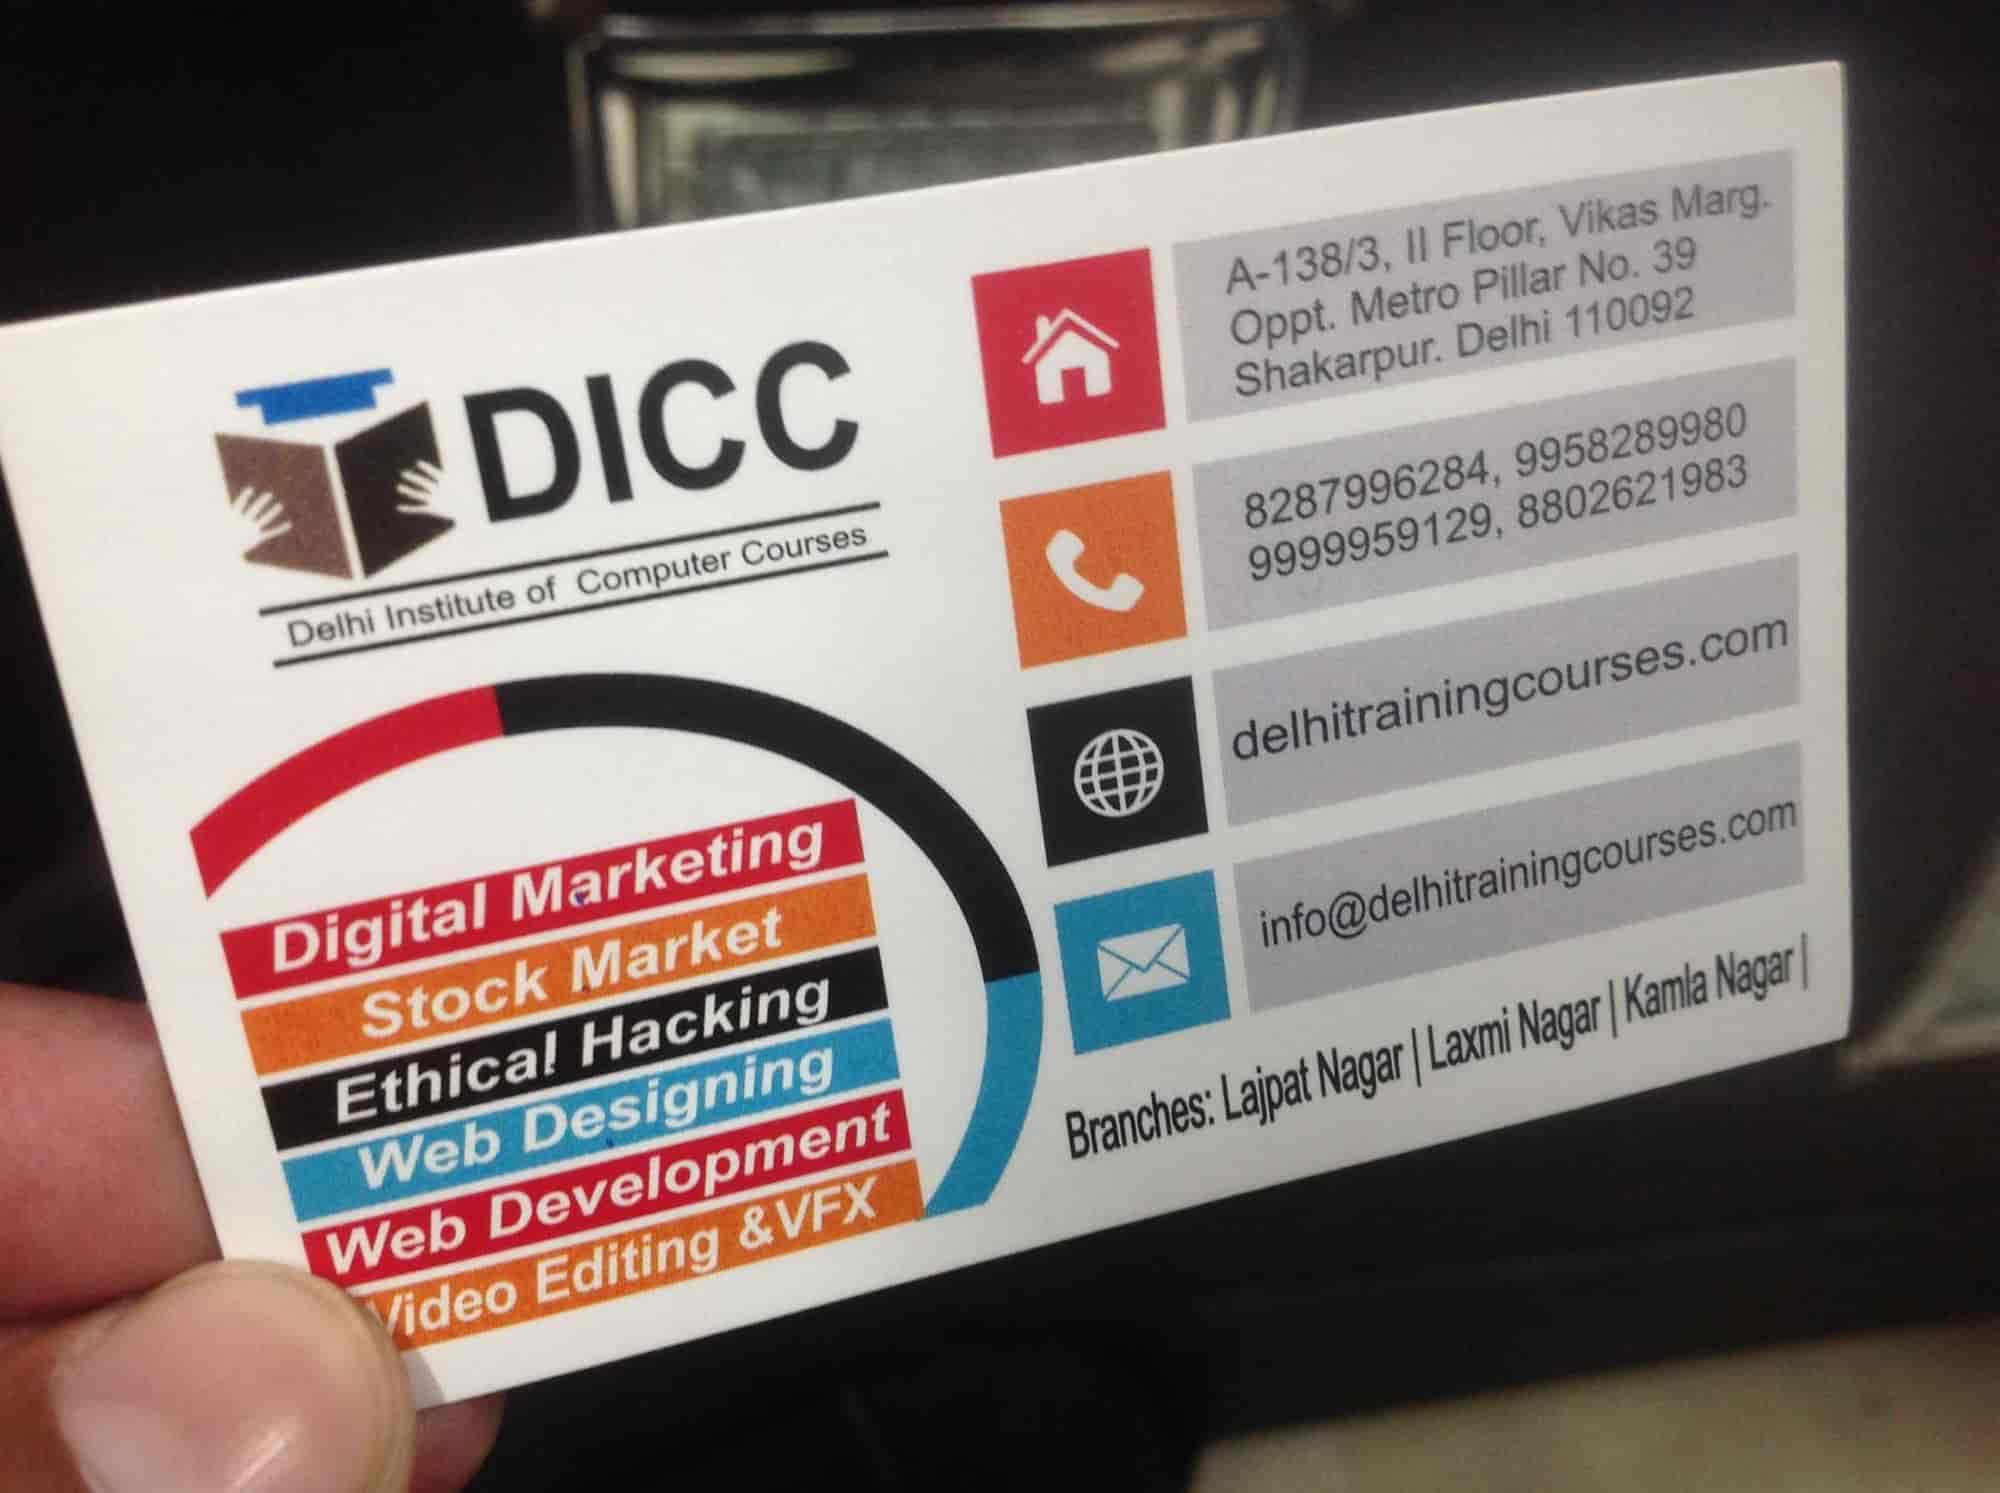 DICC, Shakarpur - Computer Training Institutes in Delhi - Justdial